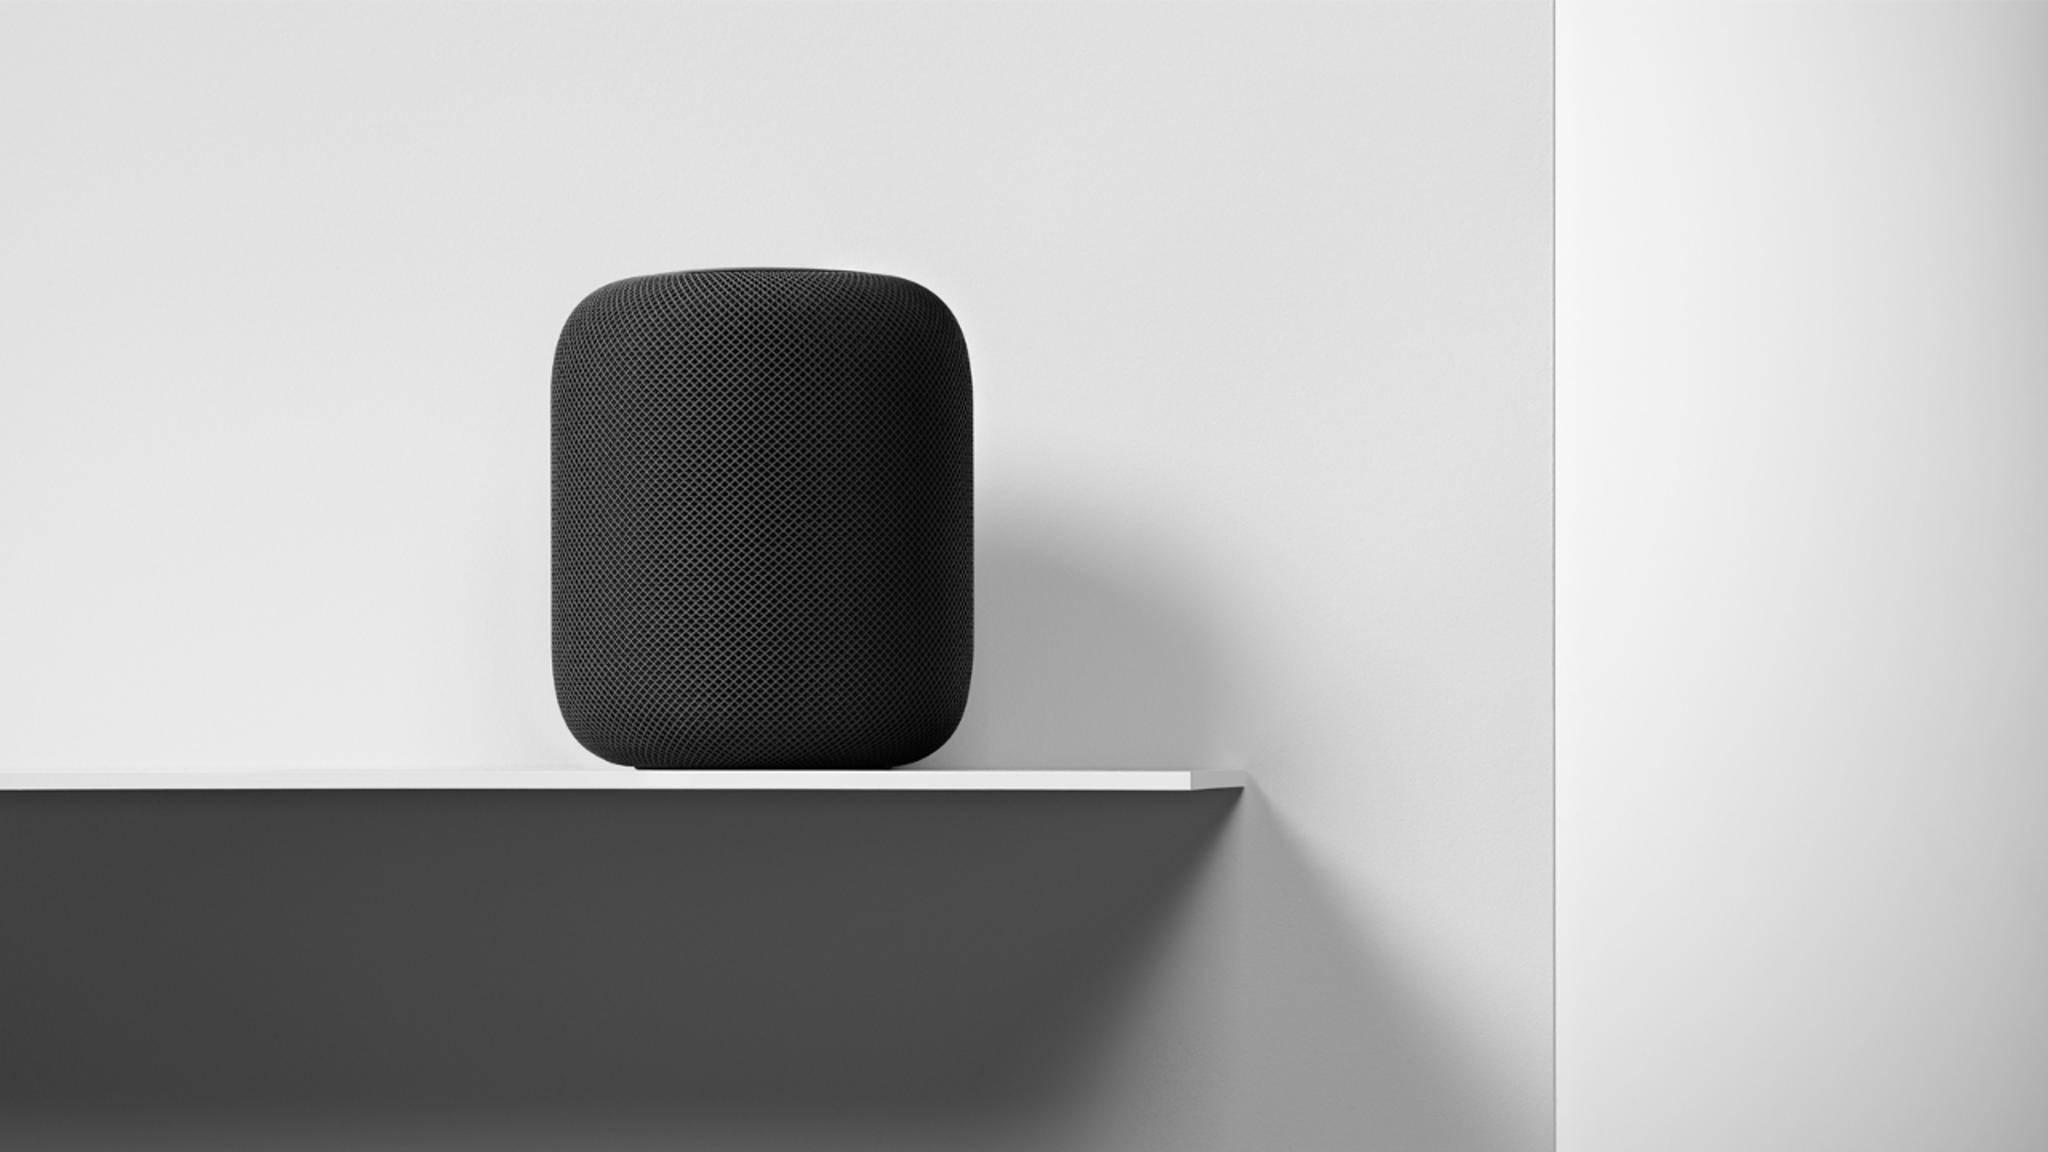 Die Einrichtung des Smart Speakers ist kinderleicht.